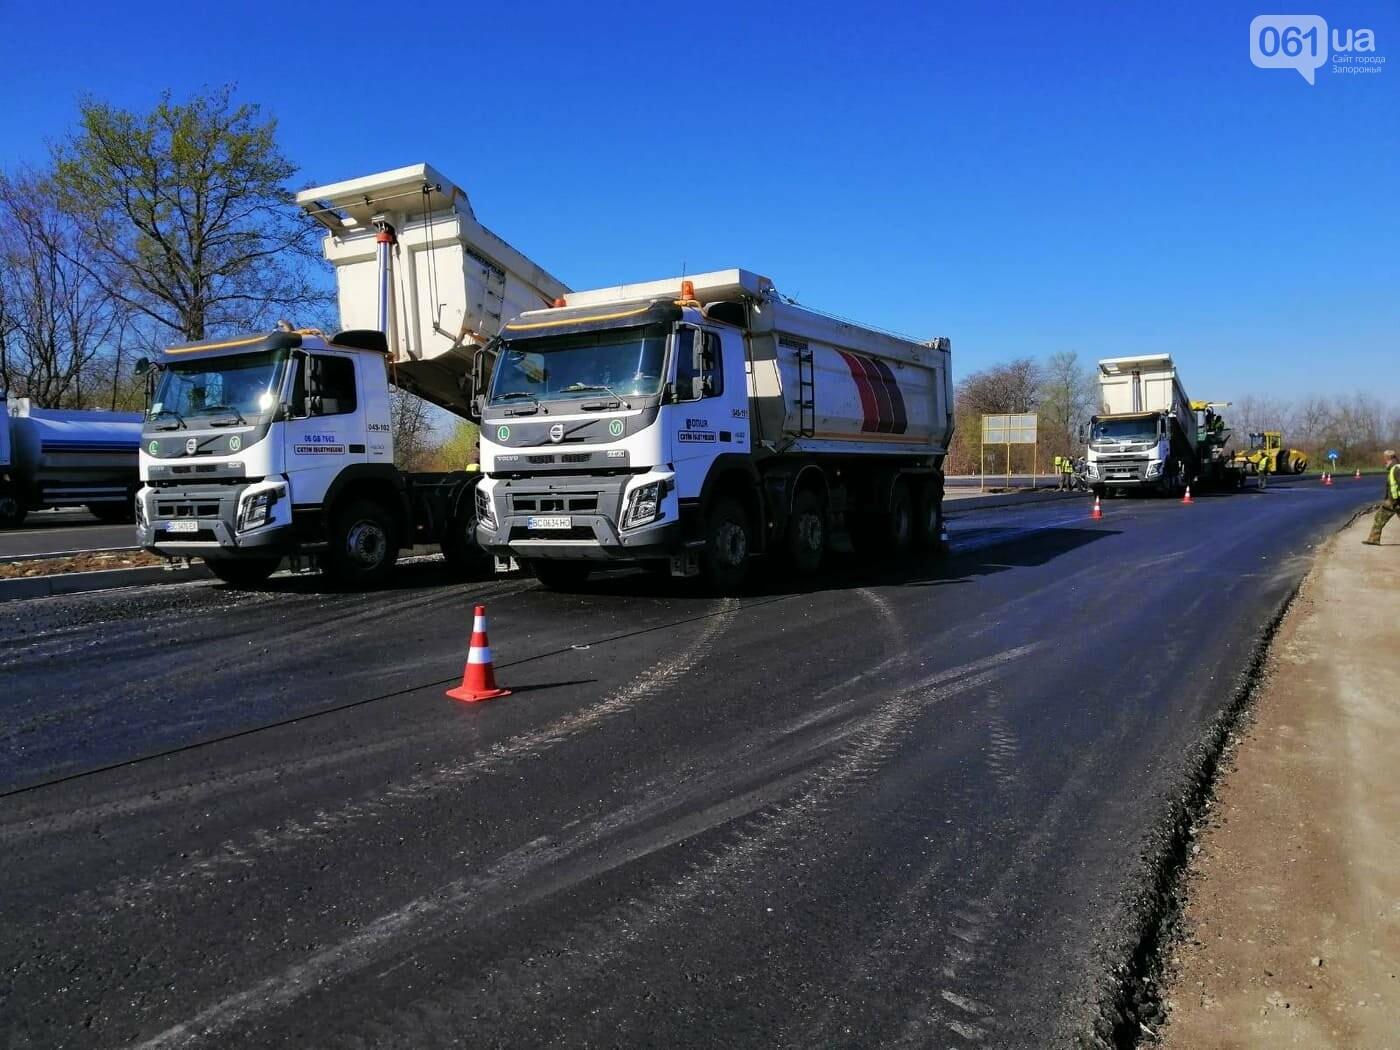 Ремонт дороги на Бердянск не прекращается даже ночью, - ФОТО, ВИДЕО, фото-8